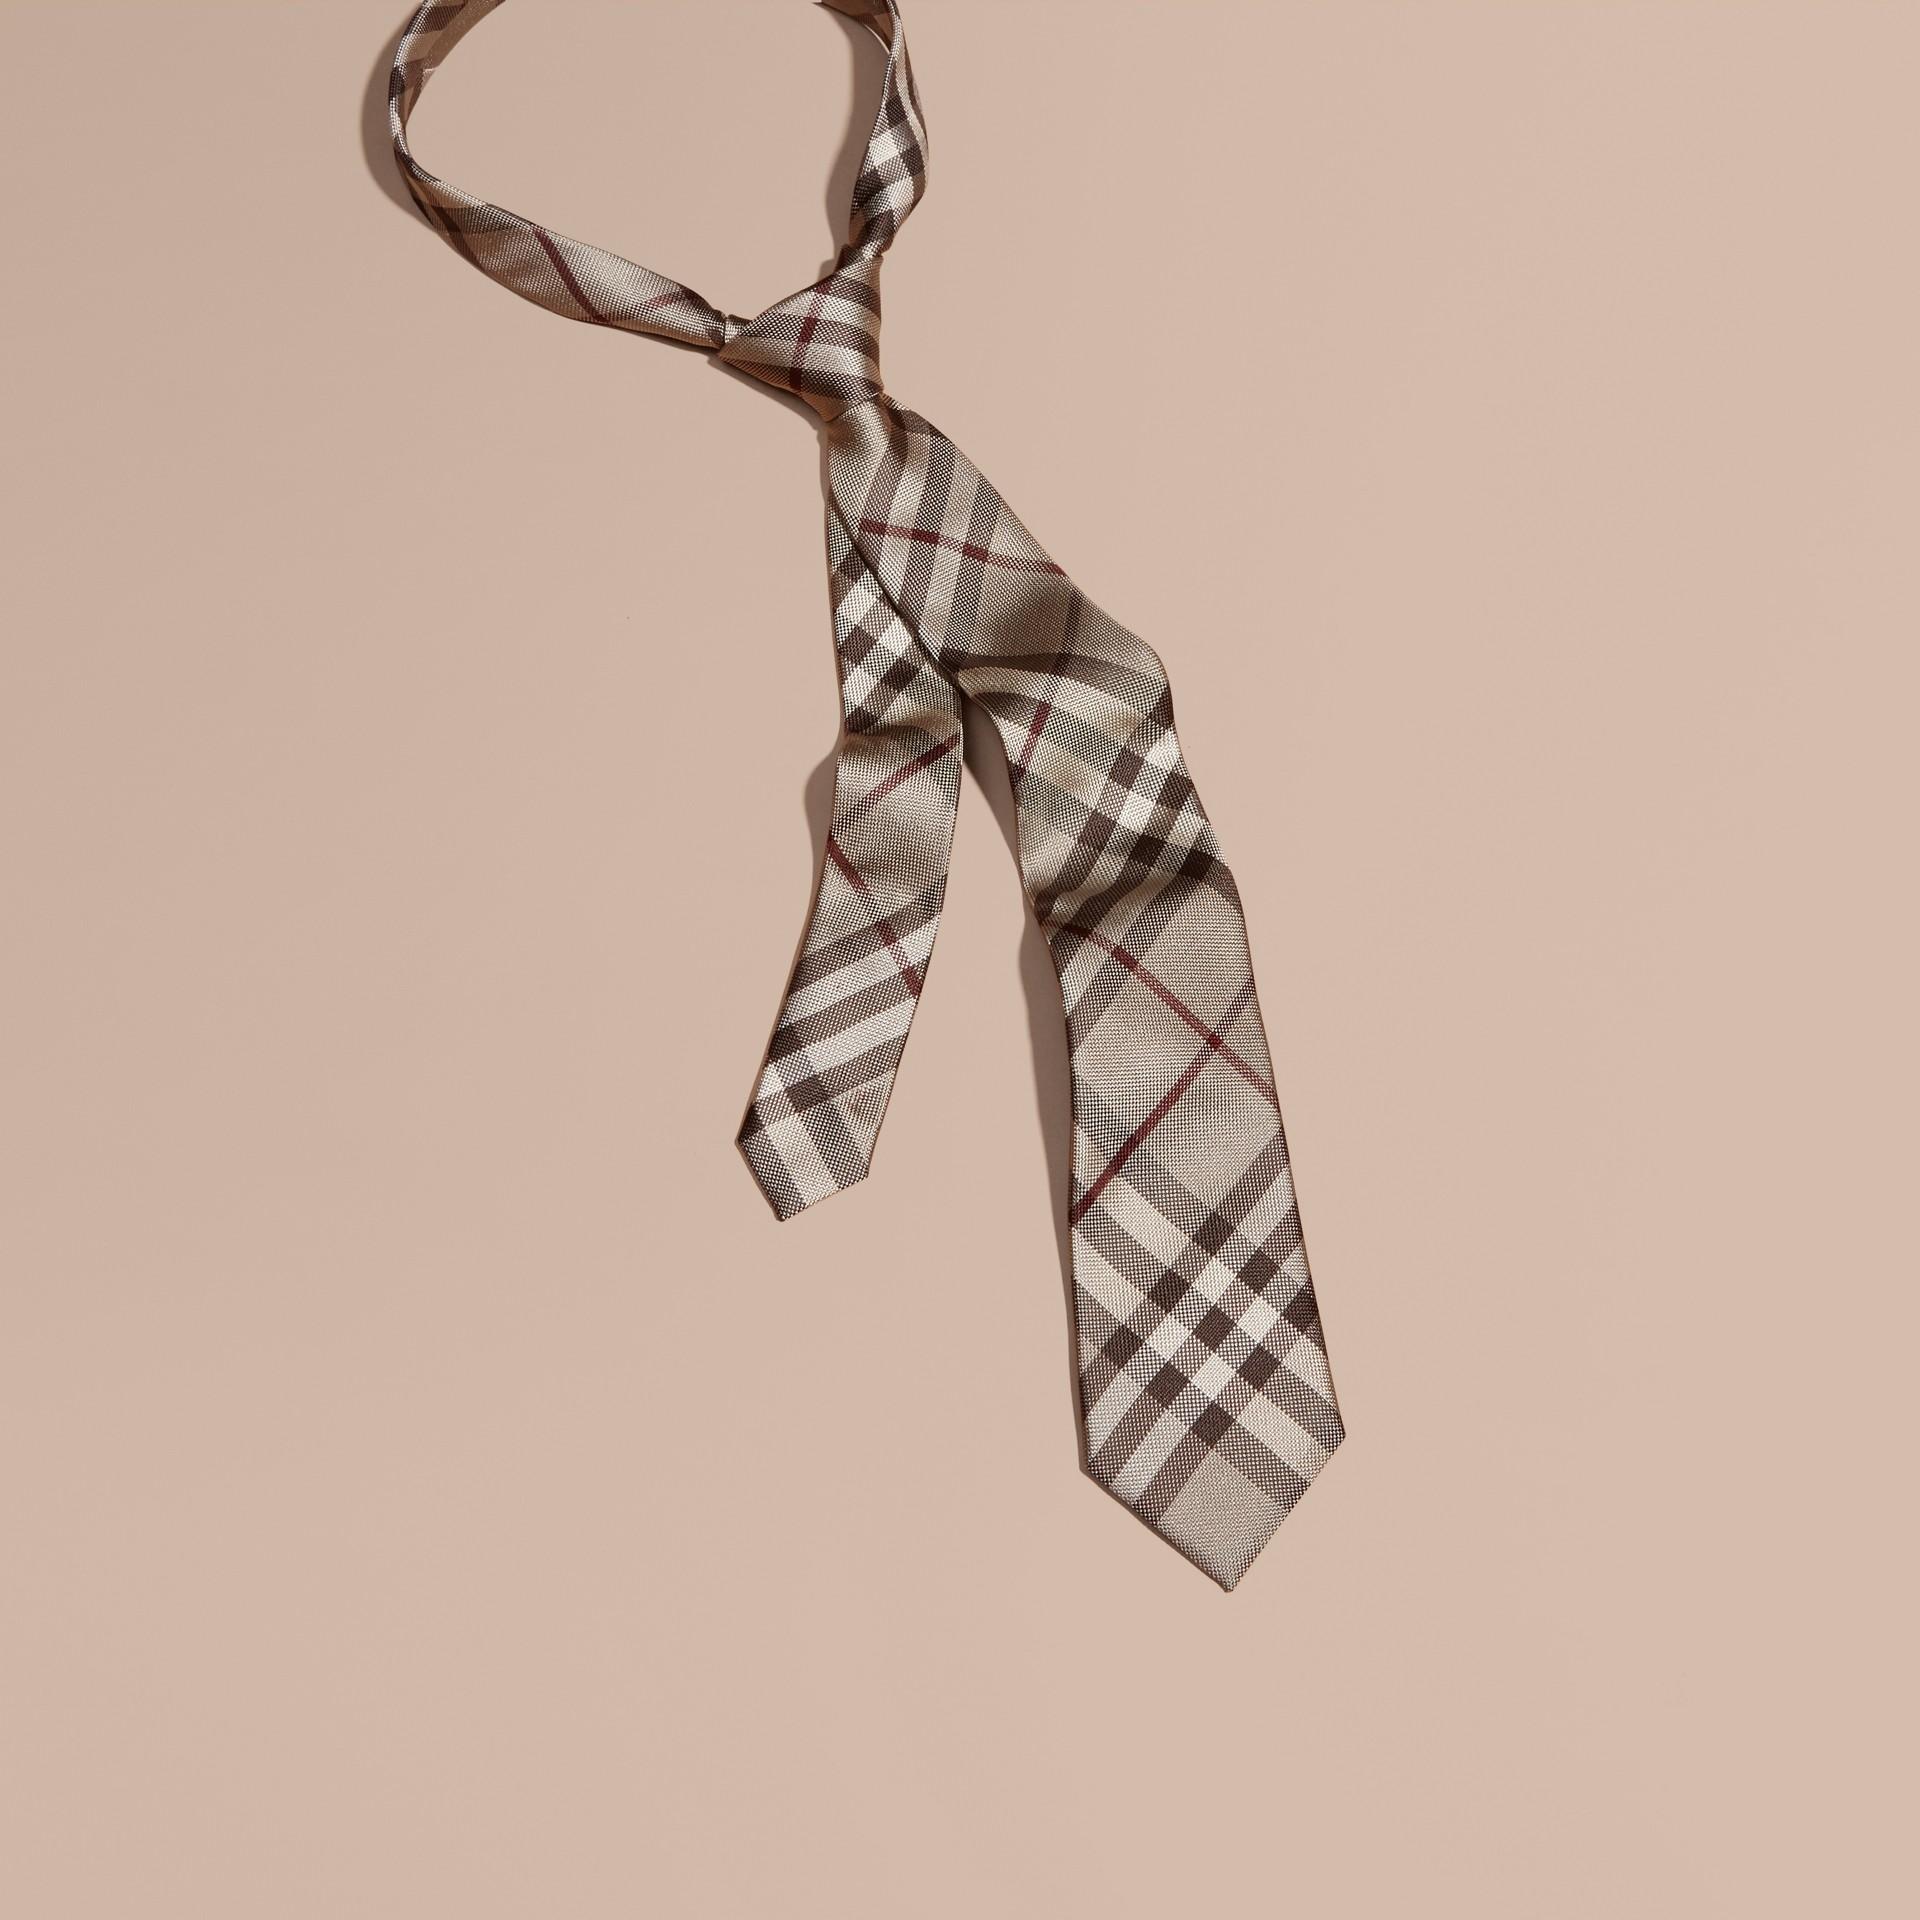 Trench coat ahumado Corbata de pala moderna de checks en seda - imagen de la galería 1